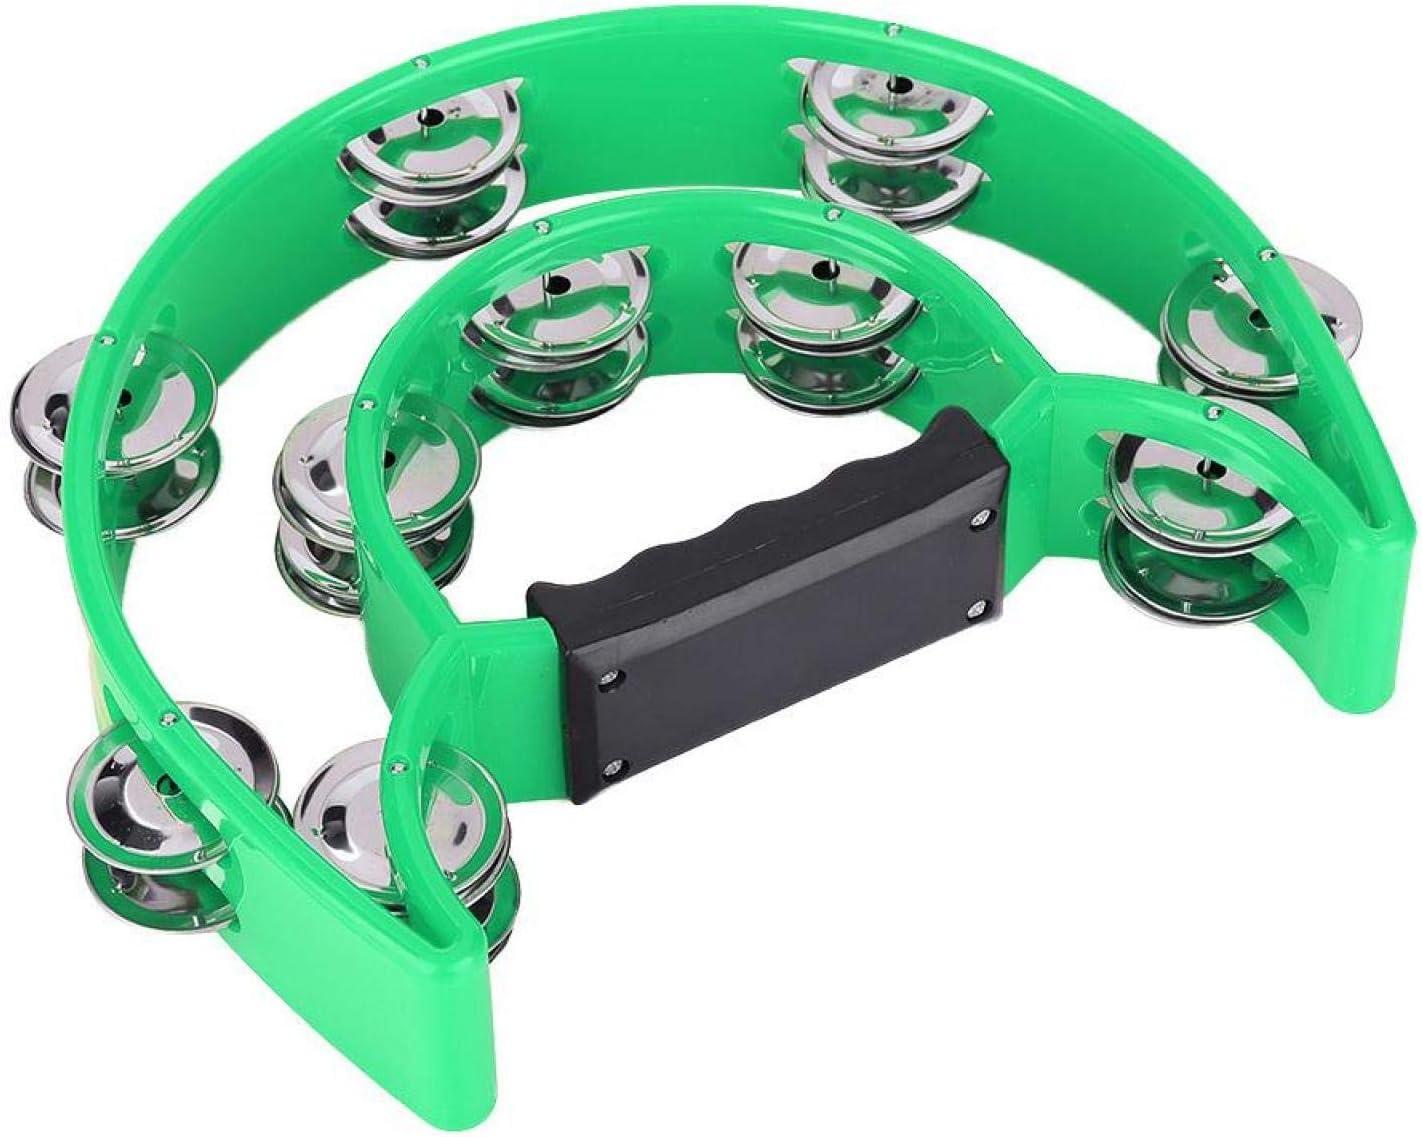 더블 징글 탬버린 부드러운 섬세한 솜씨 타악기 친구(녹색)